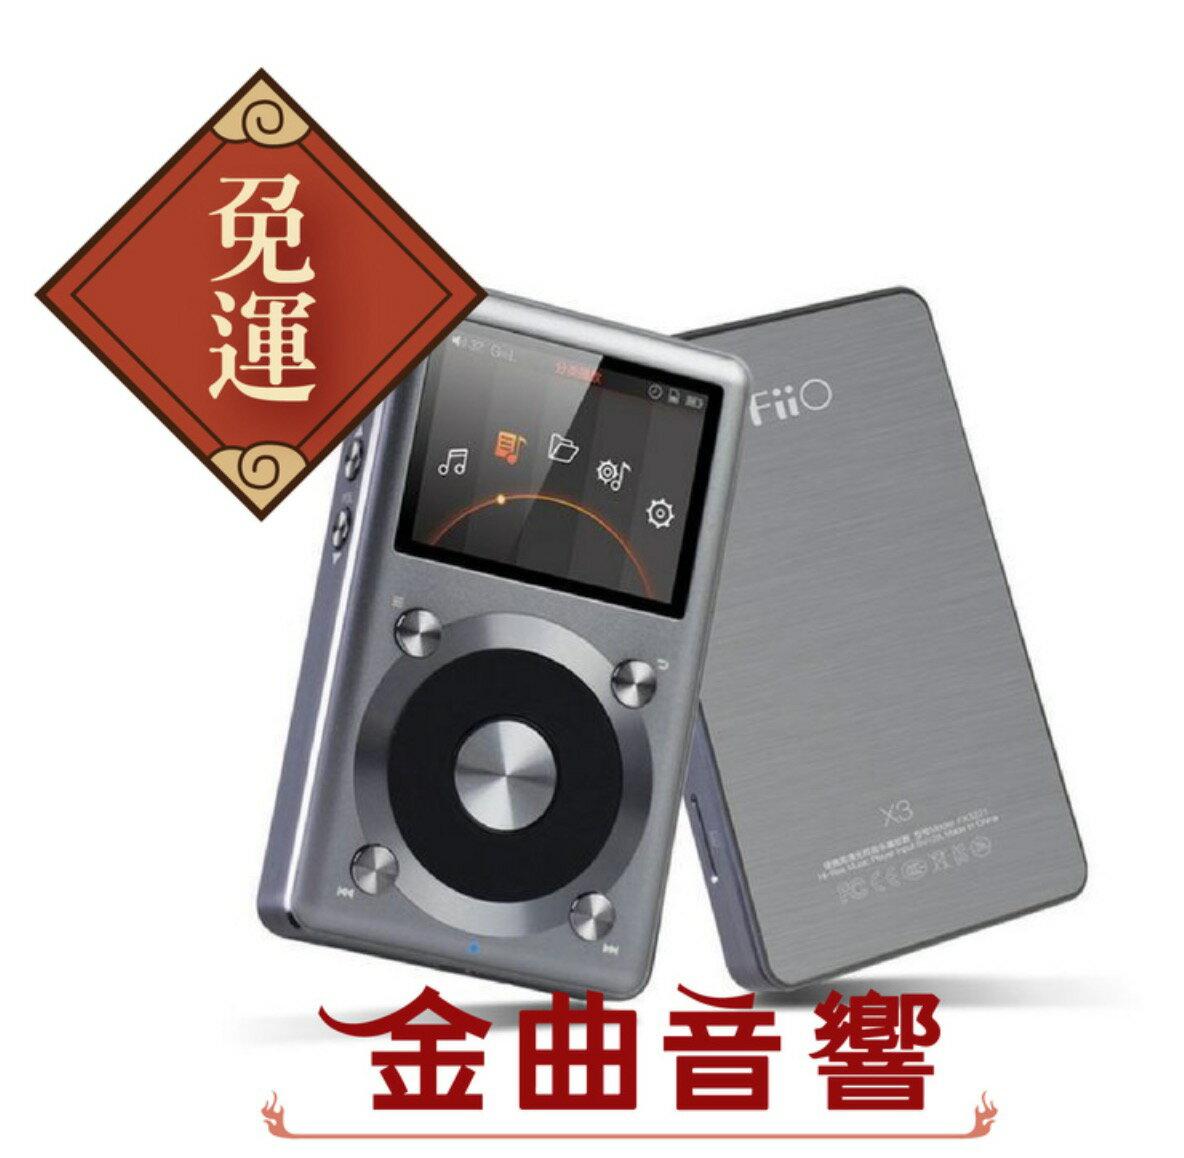 【金曲音響】 FIIO X3 II 二代 高音質無損播放器 可插記憶卡 公司貨一年保